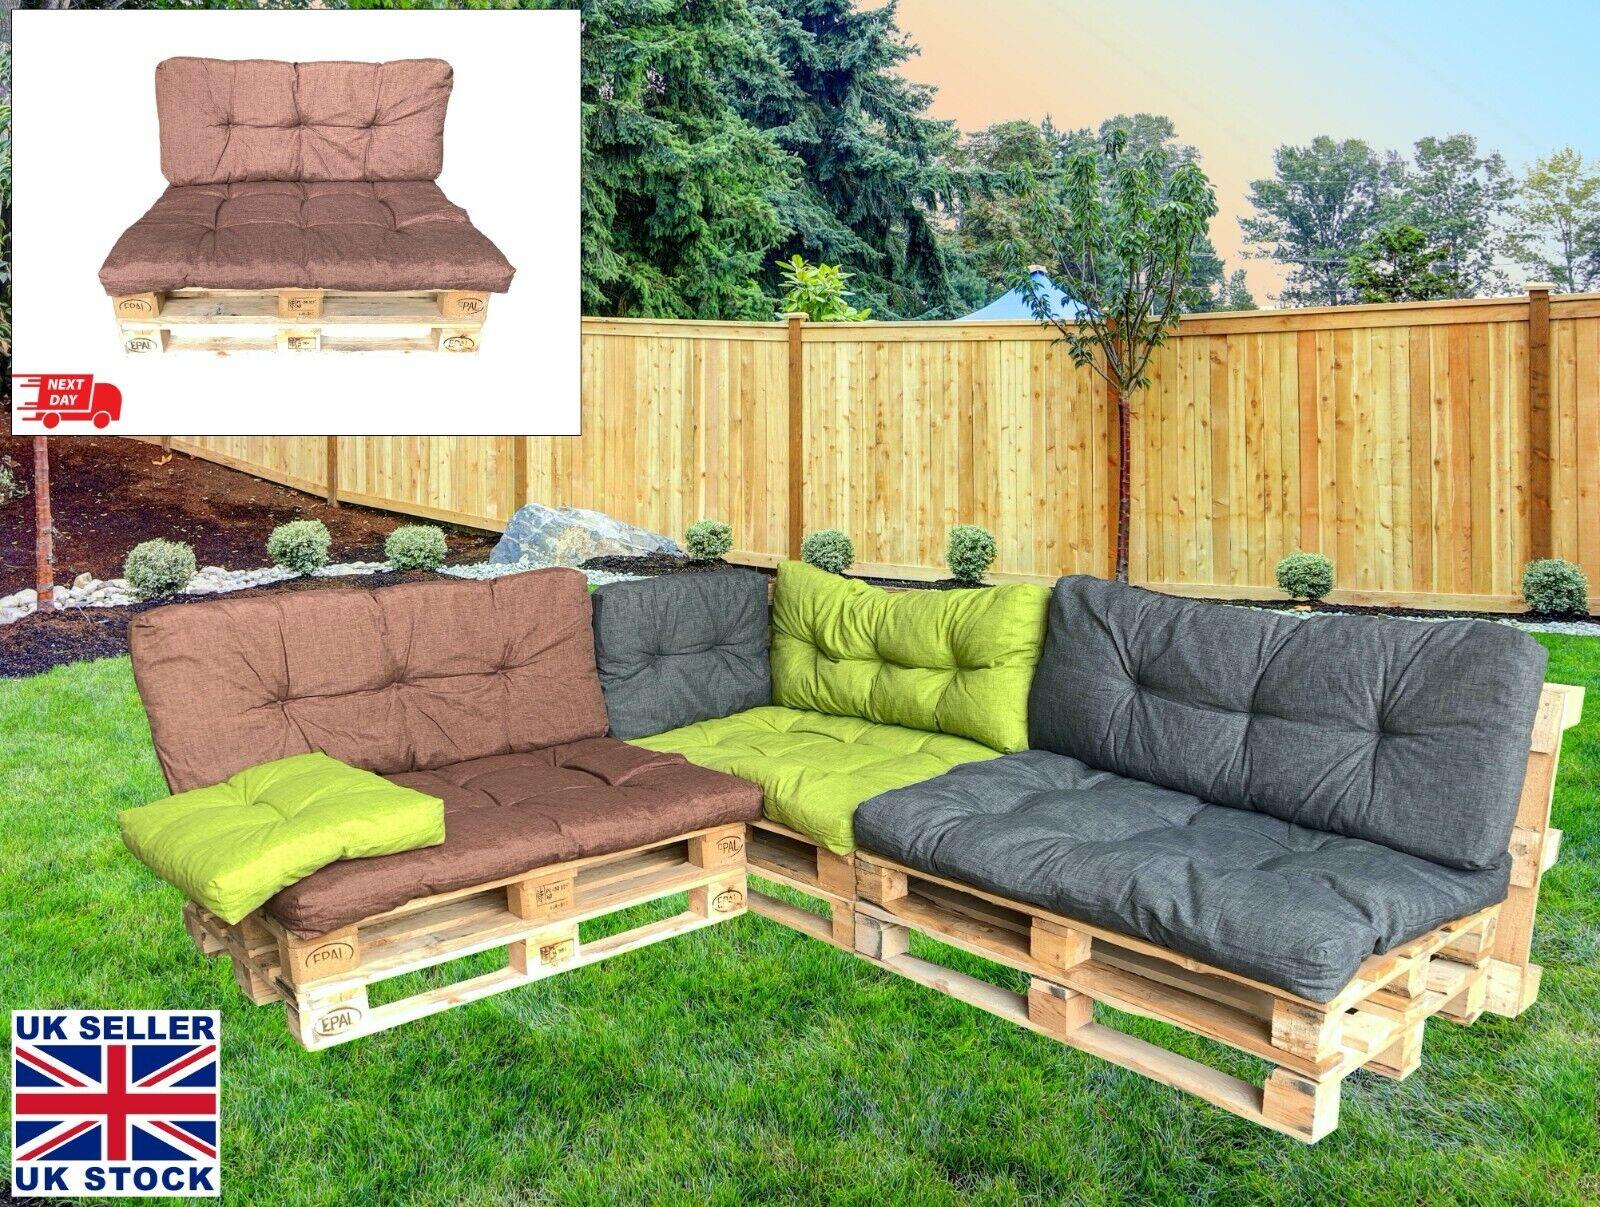 Garden Furniture - Garden Patio Pallet Furniture Cushion Seating & Backrest Set Reversible Seat Pad